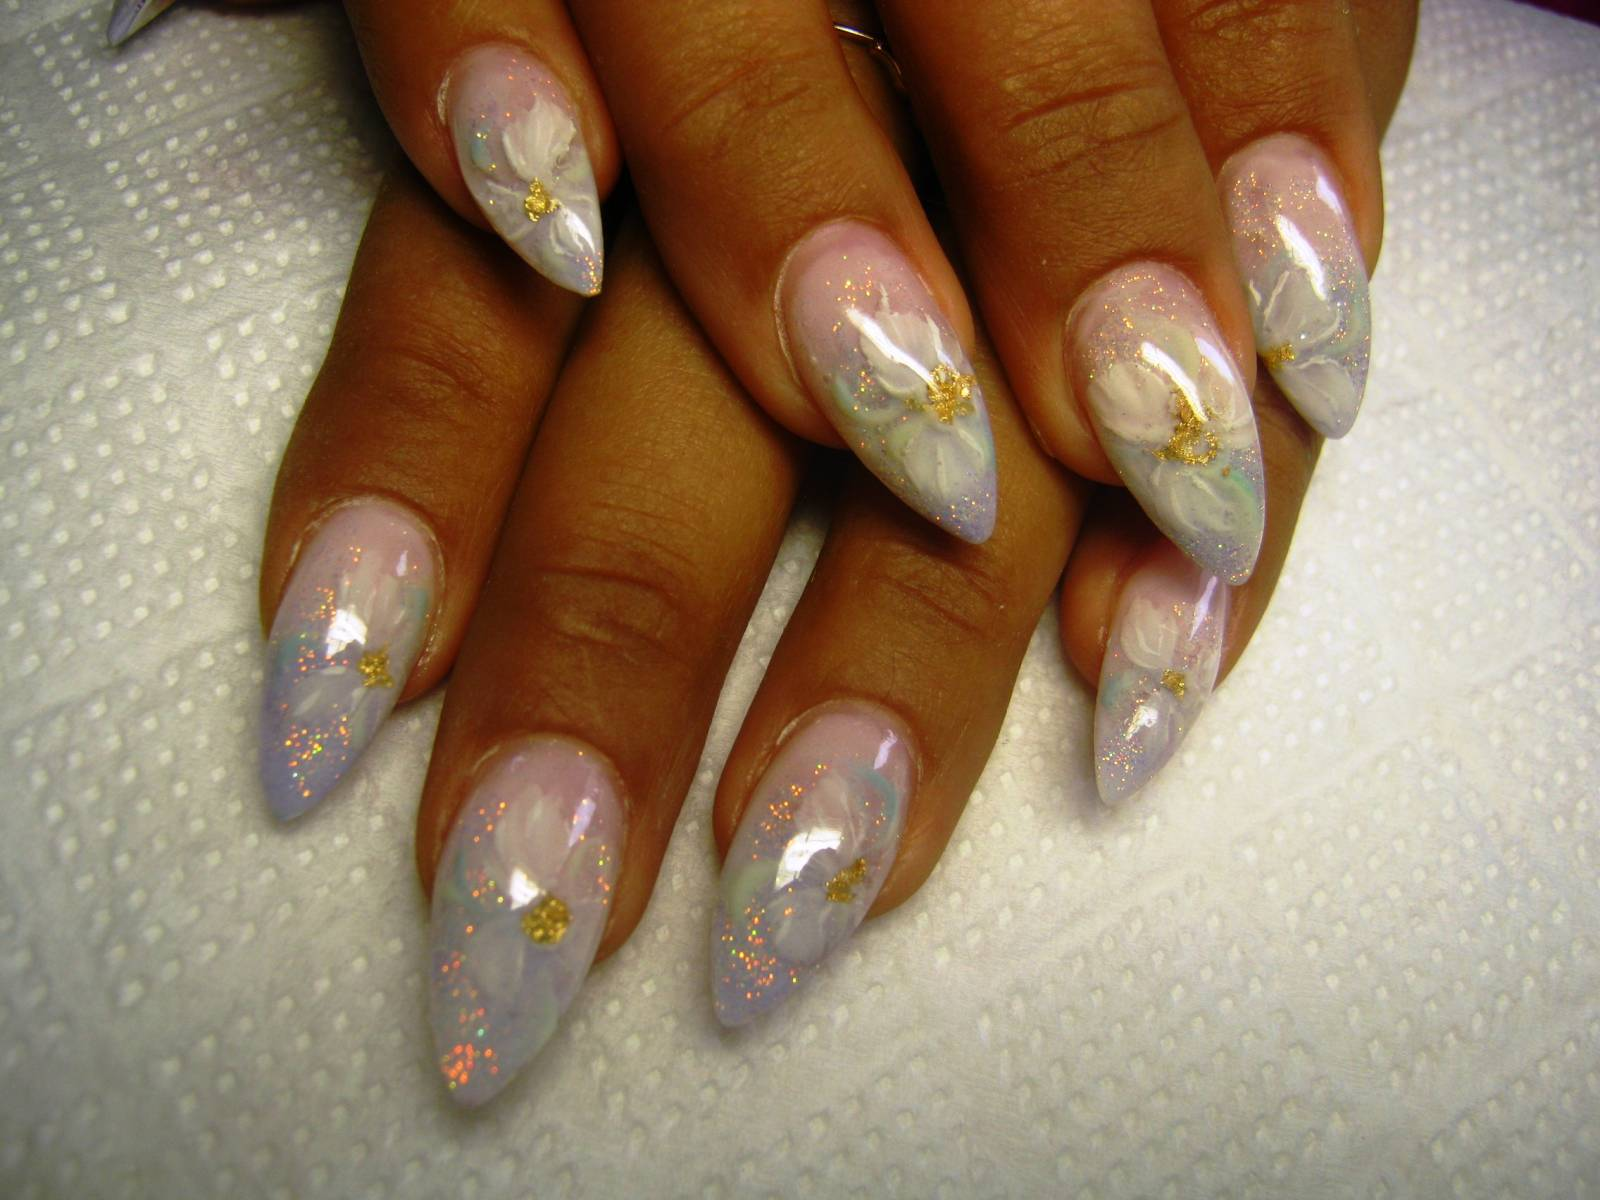 Очень красивый дизайн ногтей-163 фото -Фото дизайна ногтей